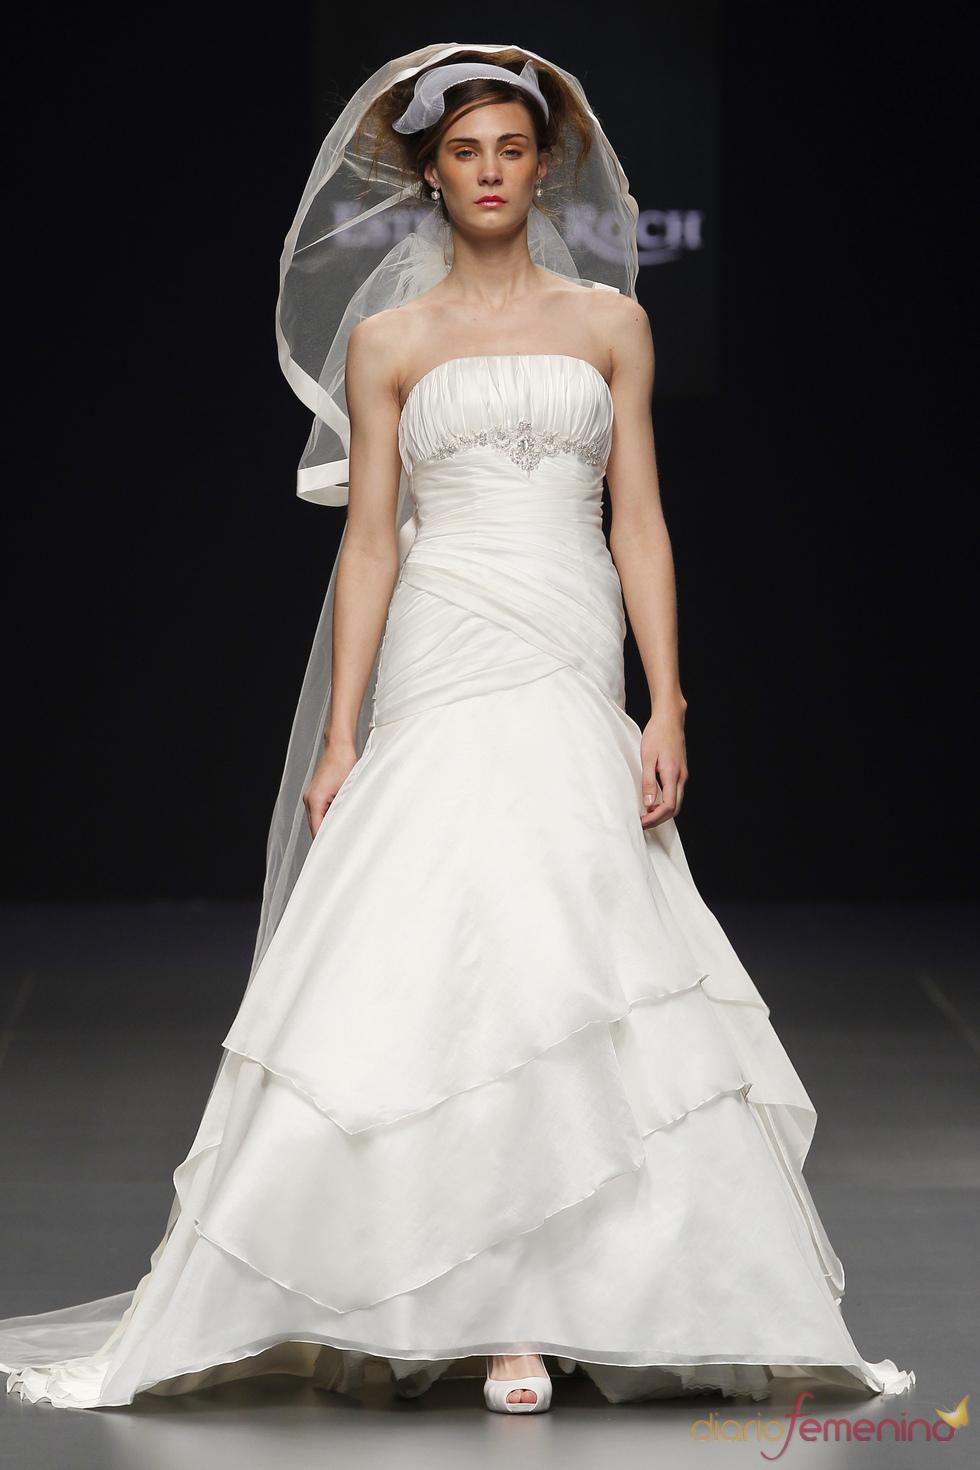 Estrella Roch viste a la novia del 2011